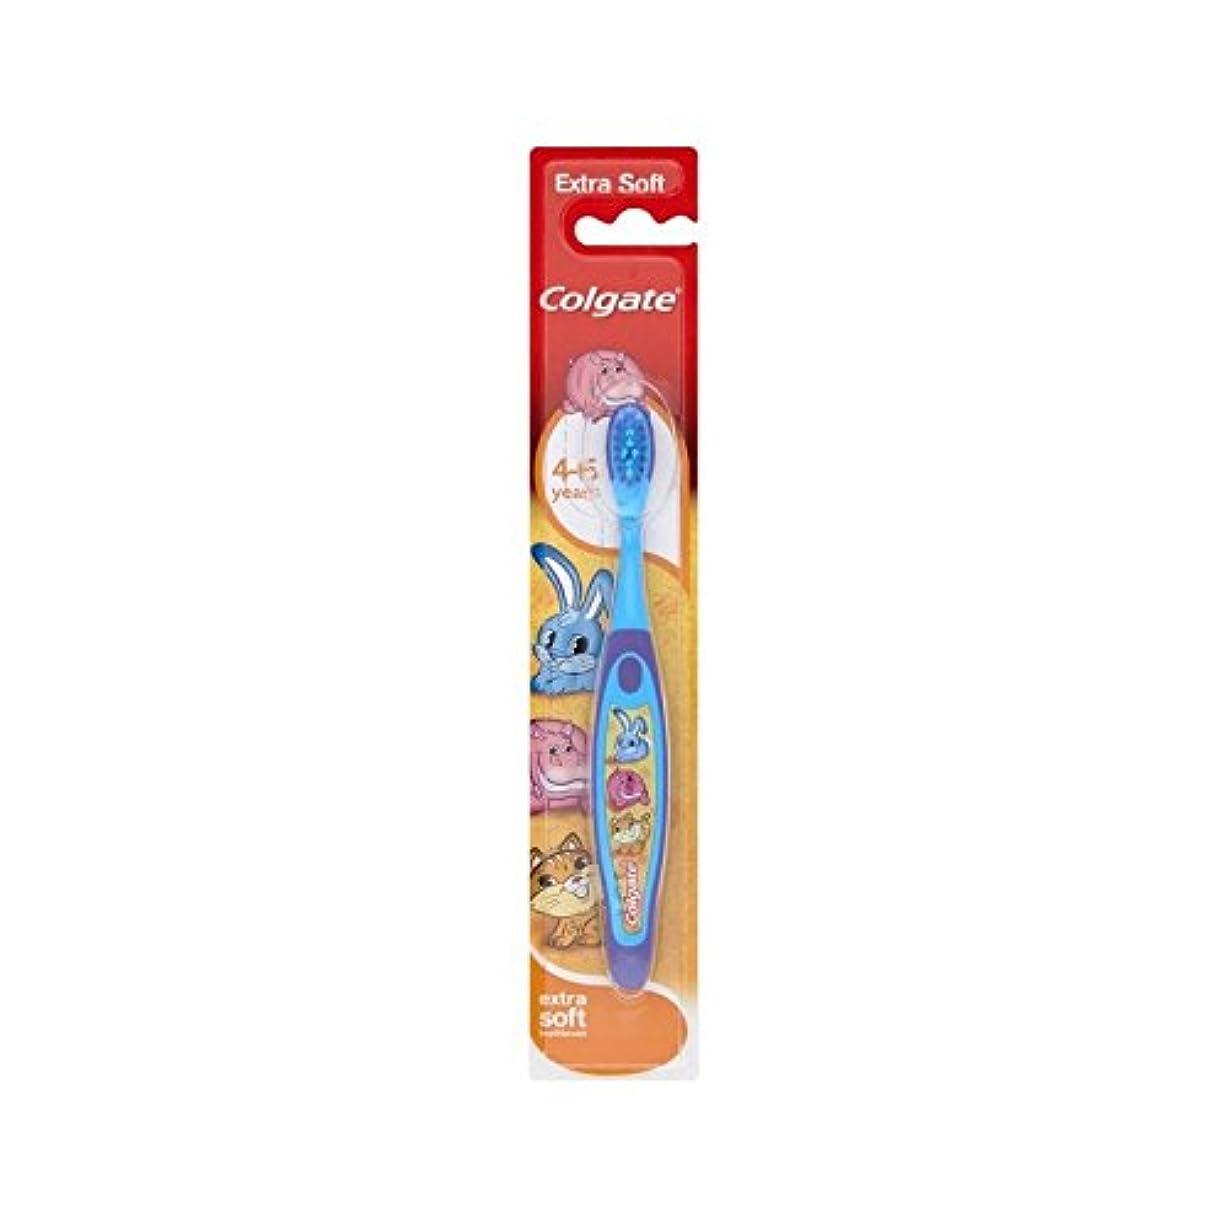 数繁雑乞食4-6歳の歯ブラシを笑顔 (Colgate) - Colgate Smiles 4-6 Years Old Toothbrush [並行輸入品]